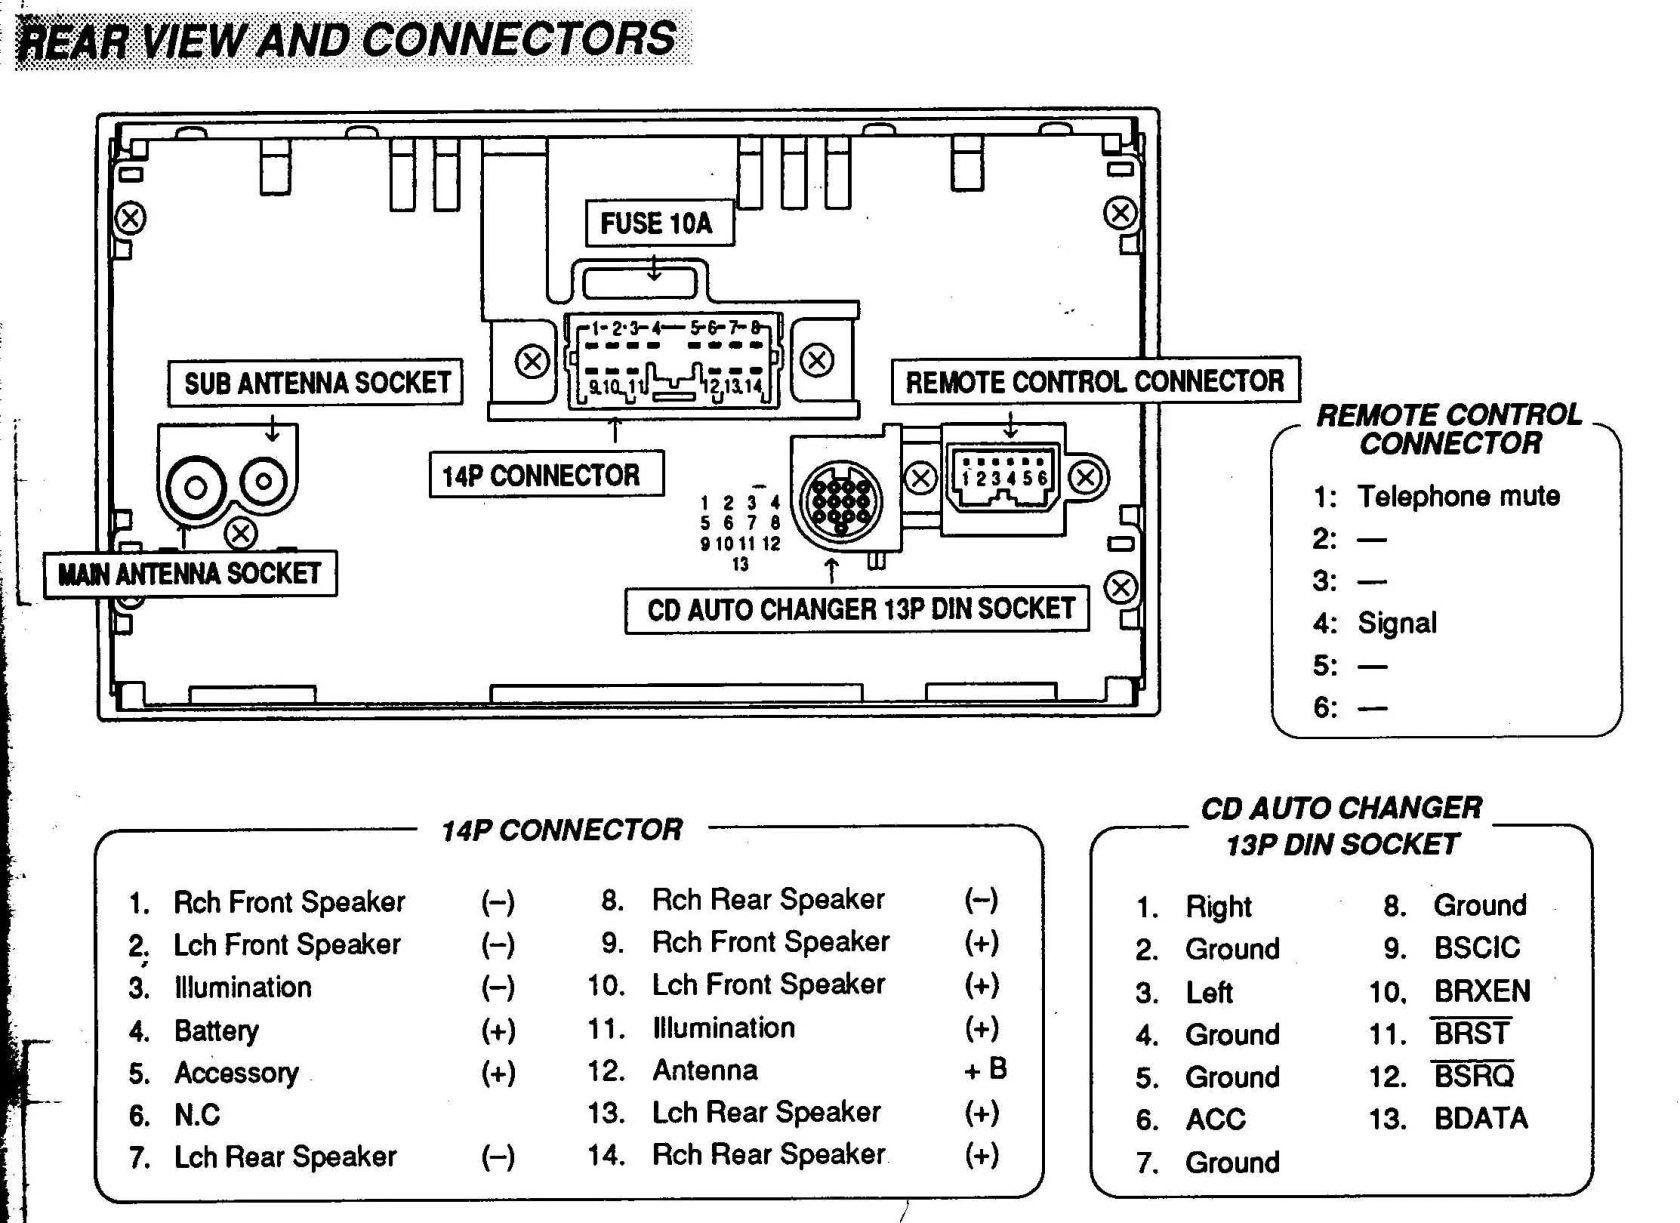 Metra 70 5520 Wiring Diagram - Wiring Diagrams Img - Metra 70-5520 Wiring Diagram